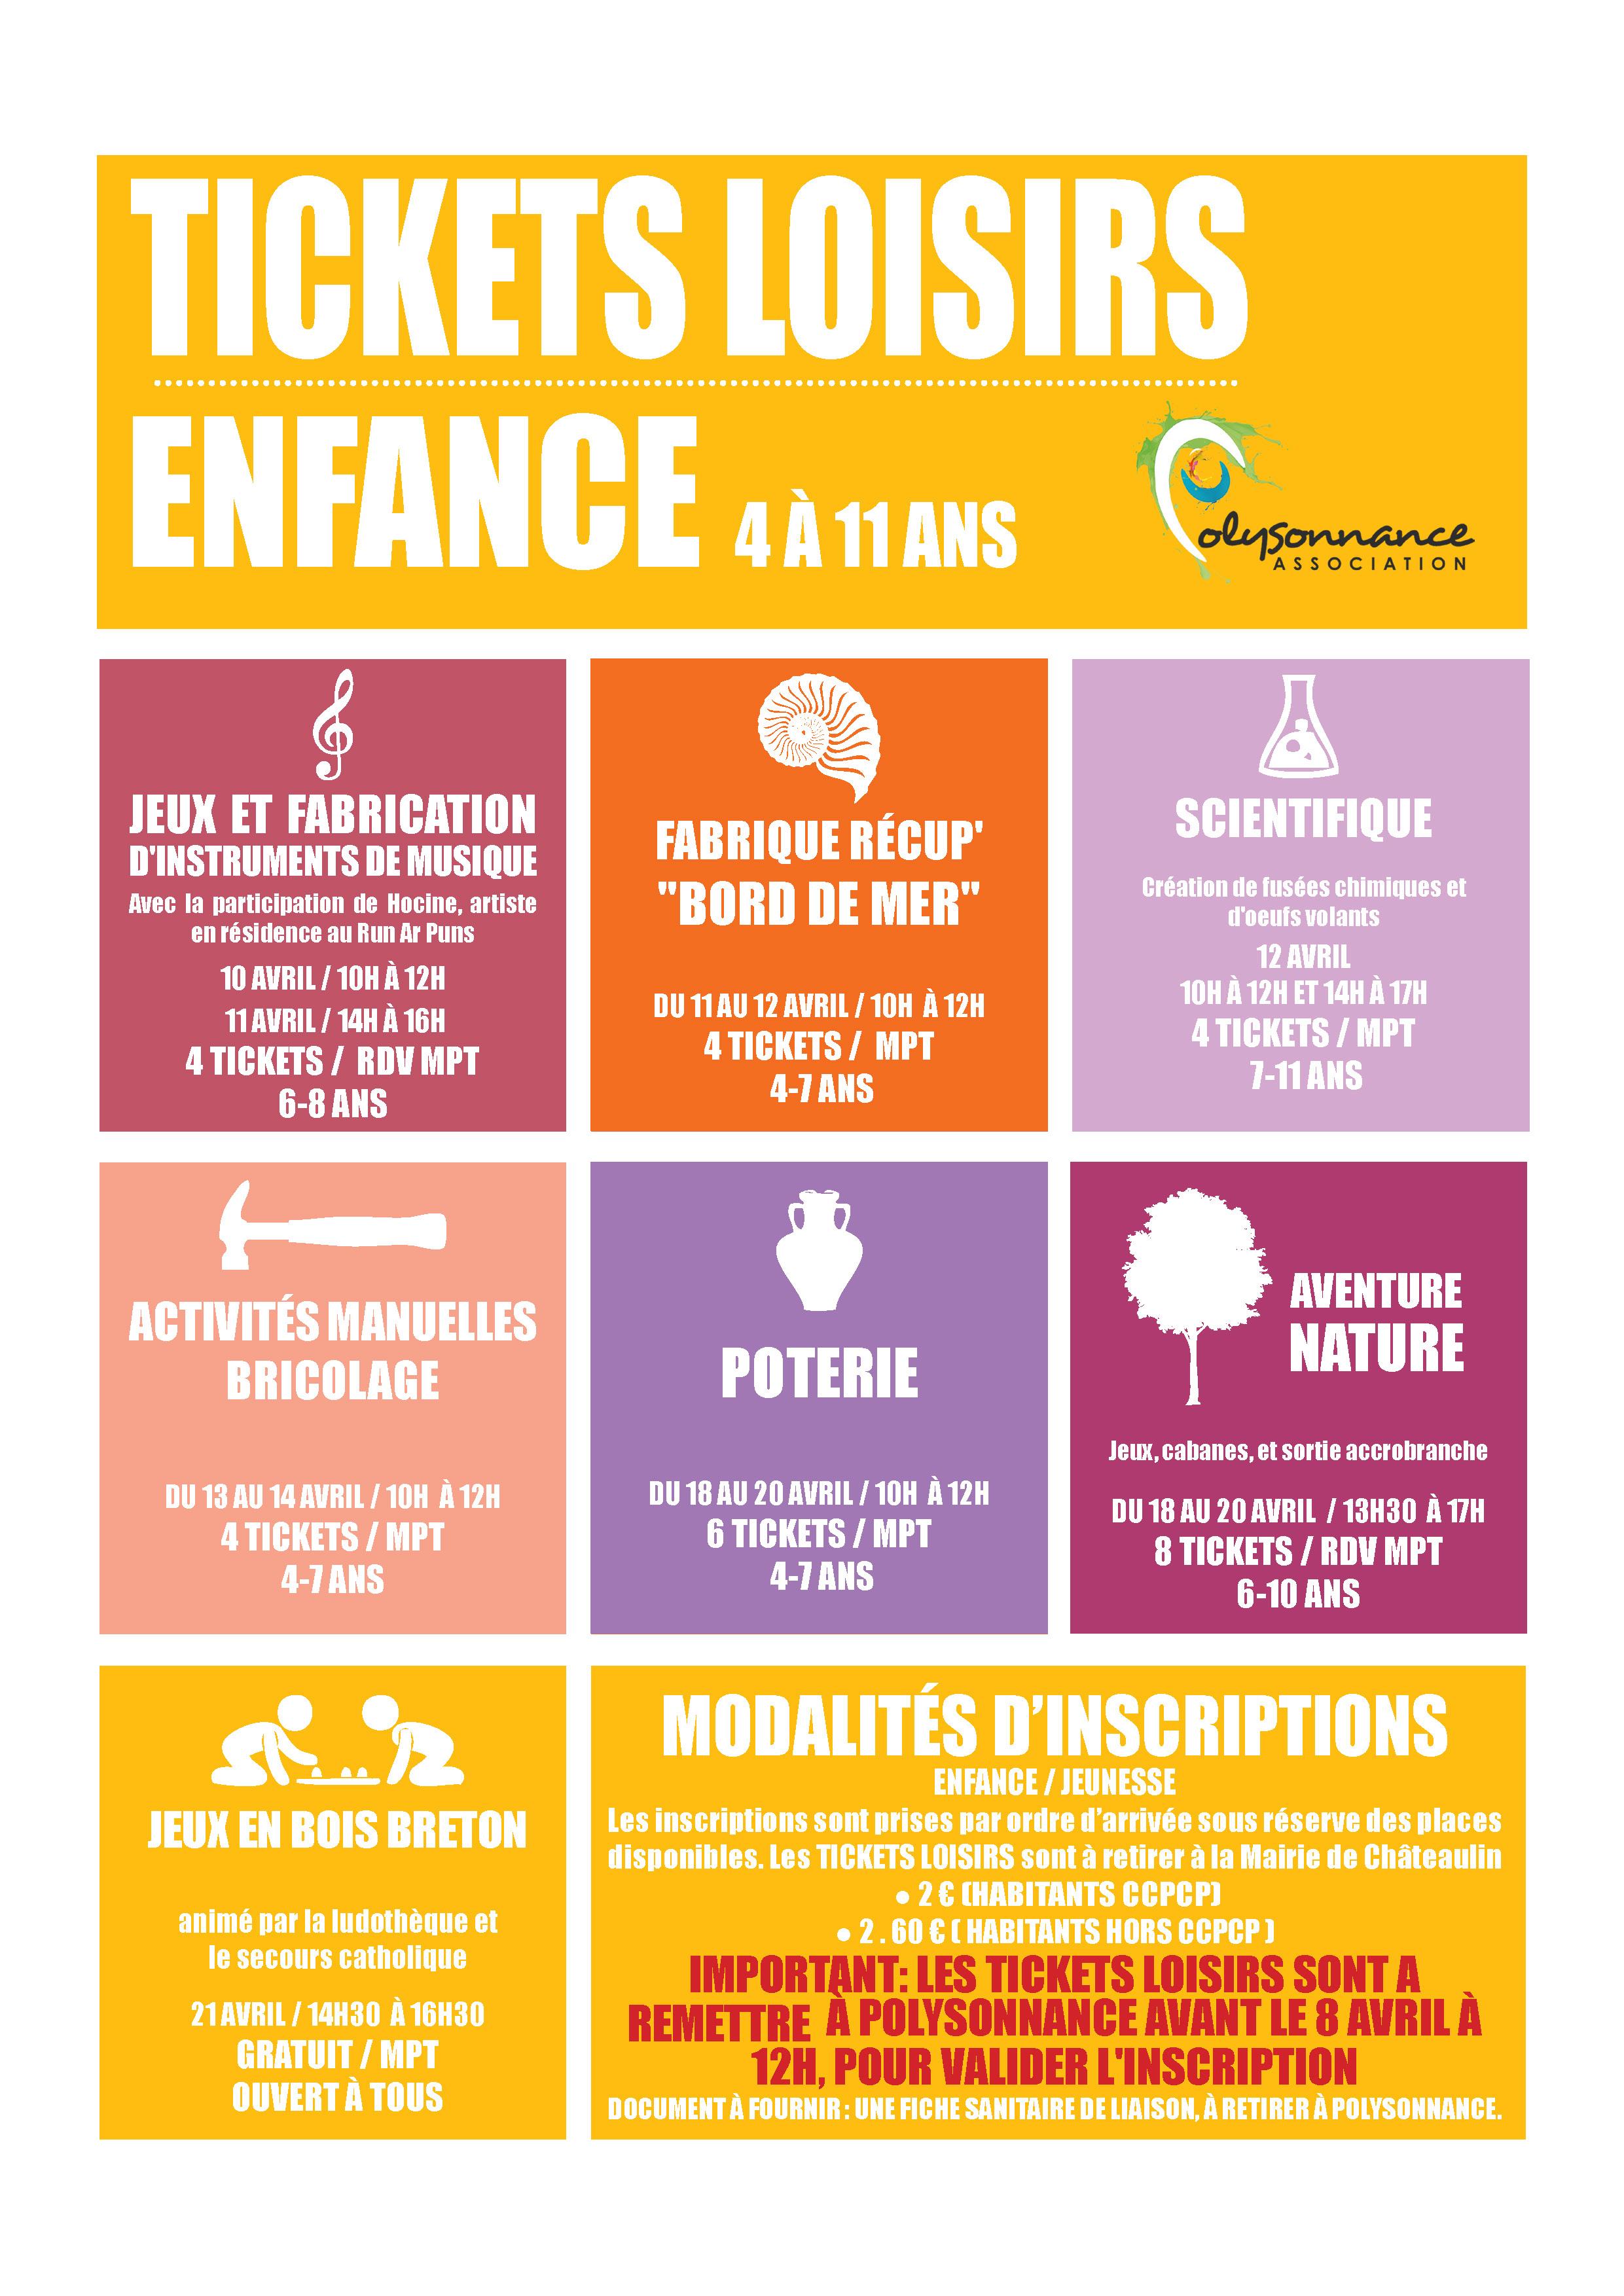 TICKETS LOISIRS «ENFANCE» DE POLYSONNANCE :  LE PROGRAMME DES VACANCES D AVRIL